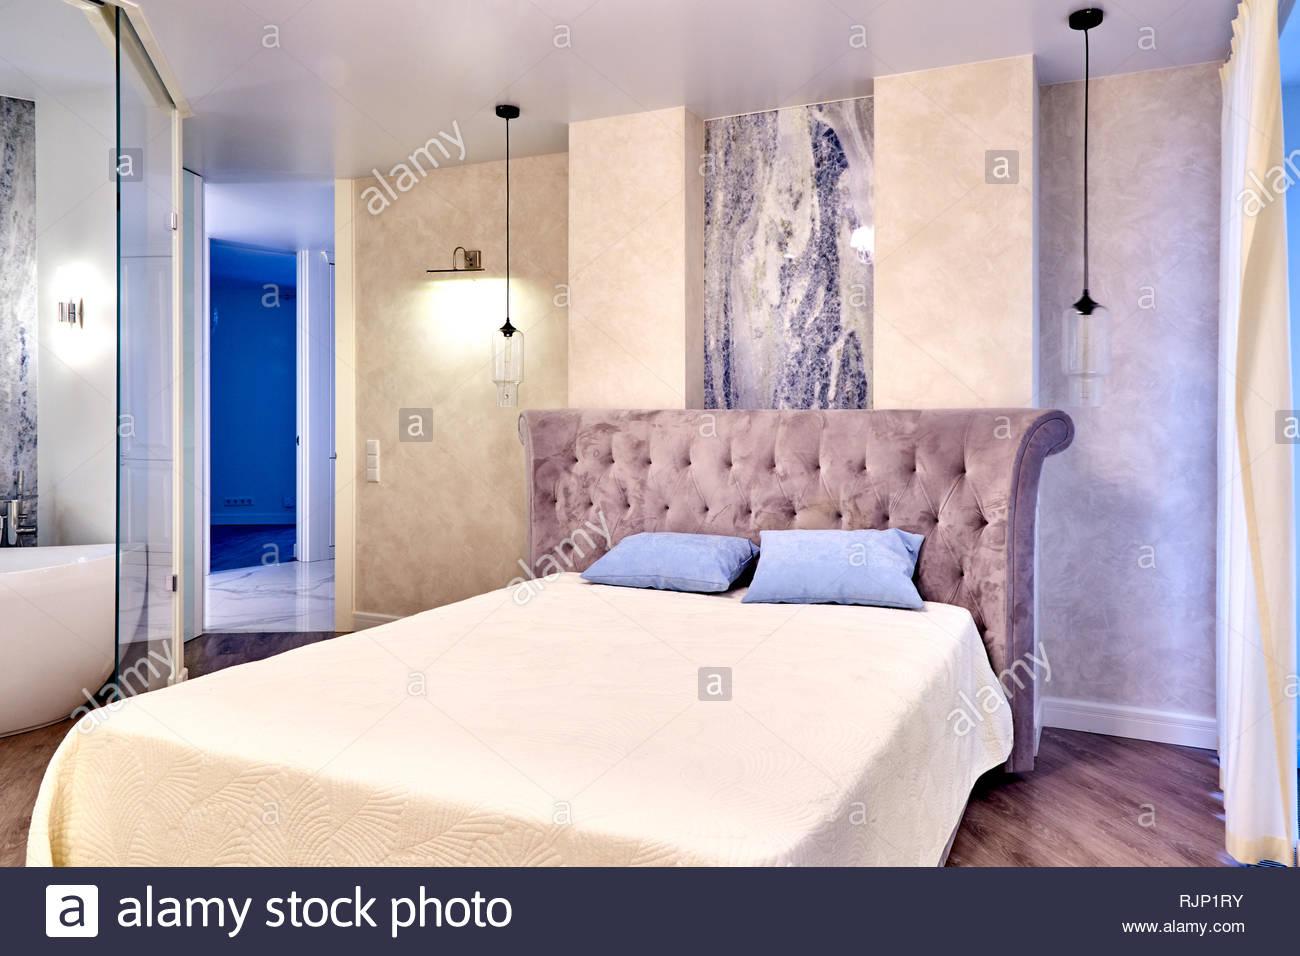 Full Size of Luxus Schlafzimmer Groes Komplettangebote Sitzbank Deckenlampe Wandbilder Deckenleuchte Modern Kommode Weiß Stuhl Komplett Massivholz Günstig Lampe Komplette Schlafzimmer Luxus Schlafzimmer